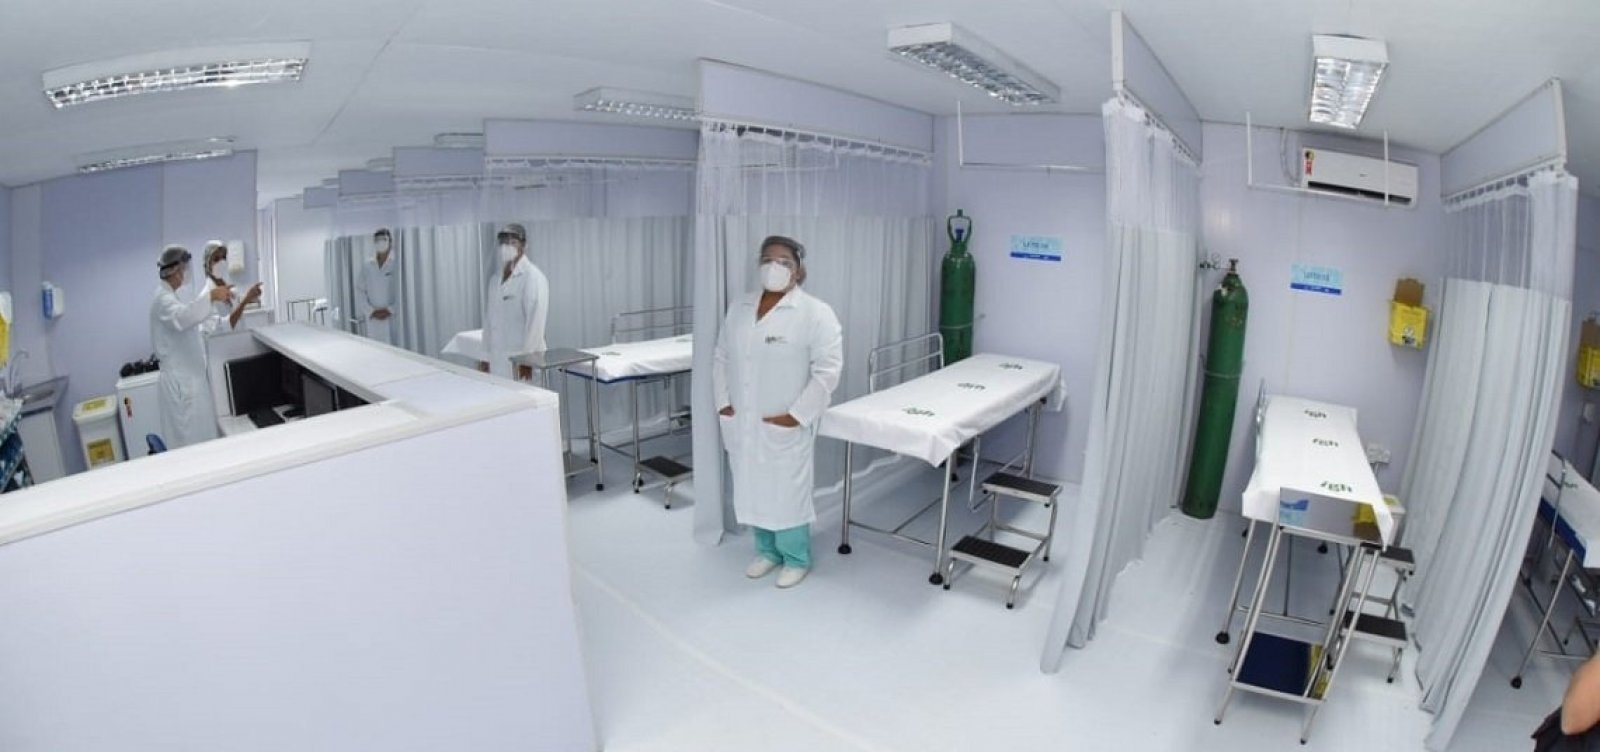 [Governo anuncia acordo com rede privada para fornecer medicamentos em falta nas UTIs]